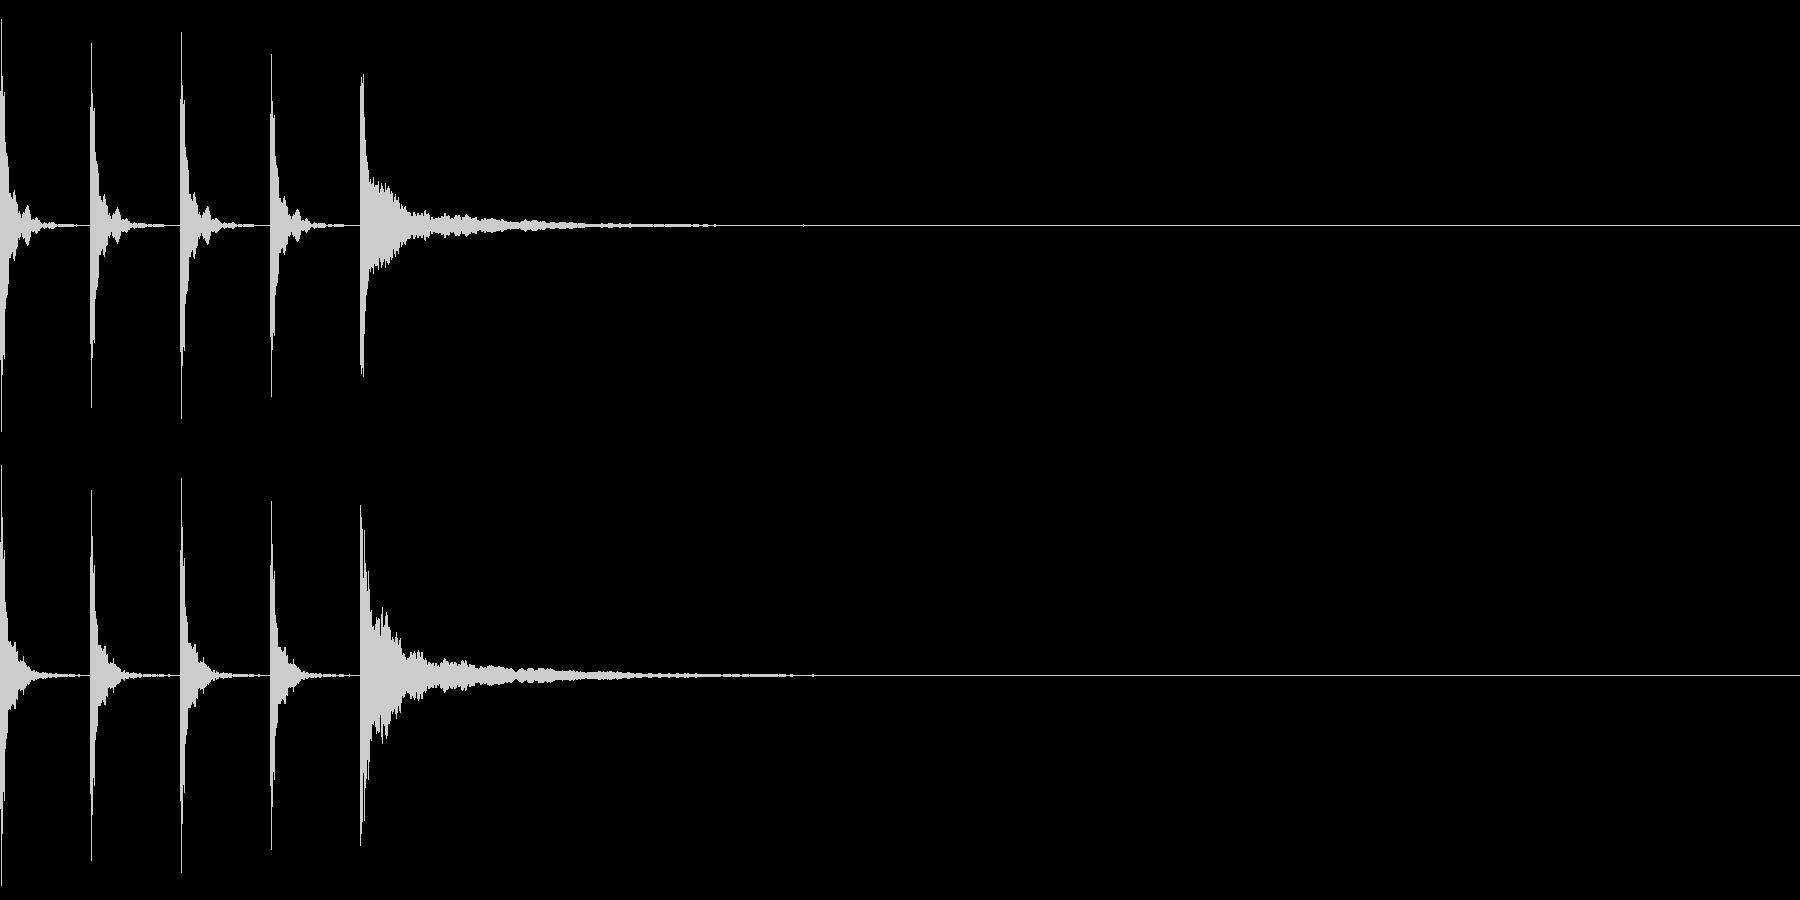 ポクポクポクチーン 木魚その2の未再生の波形